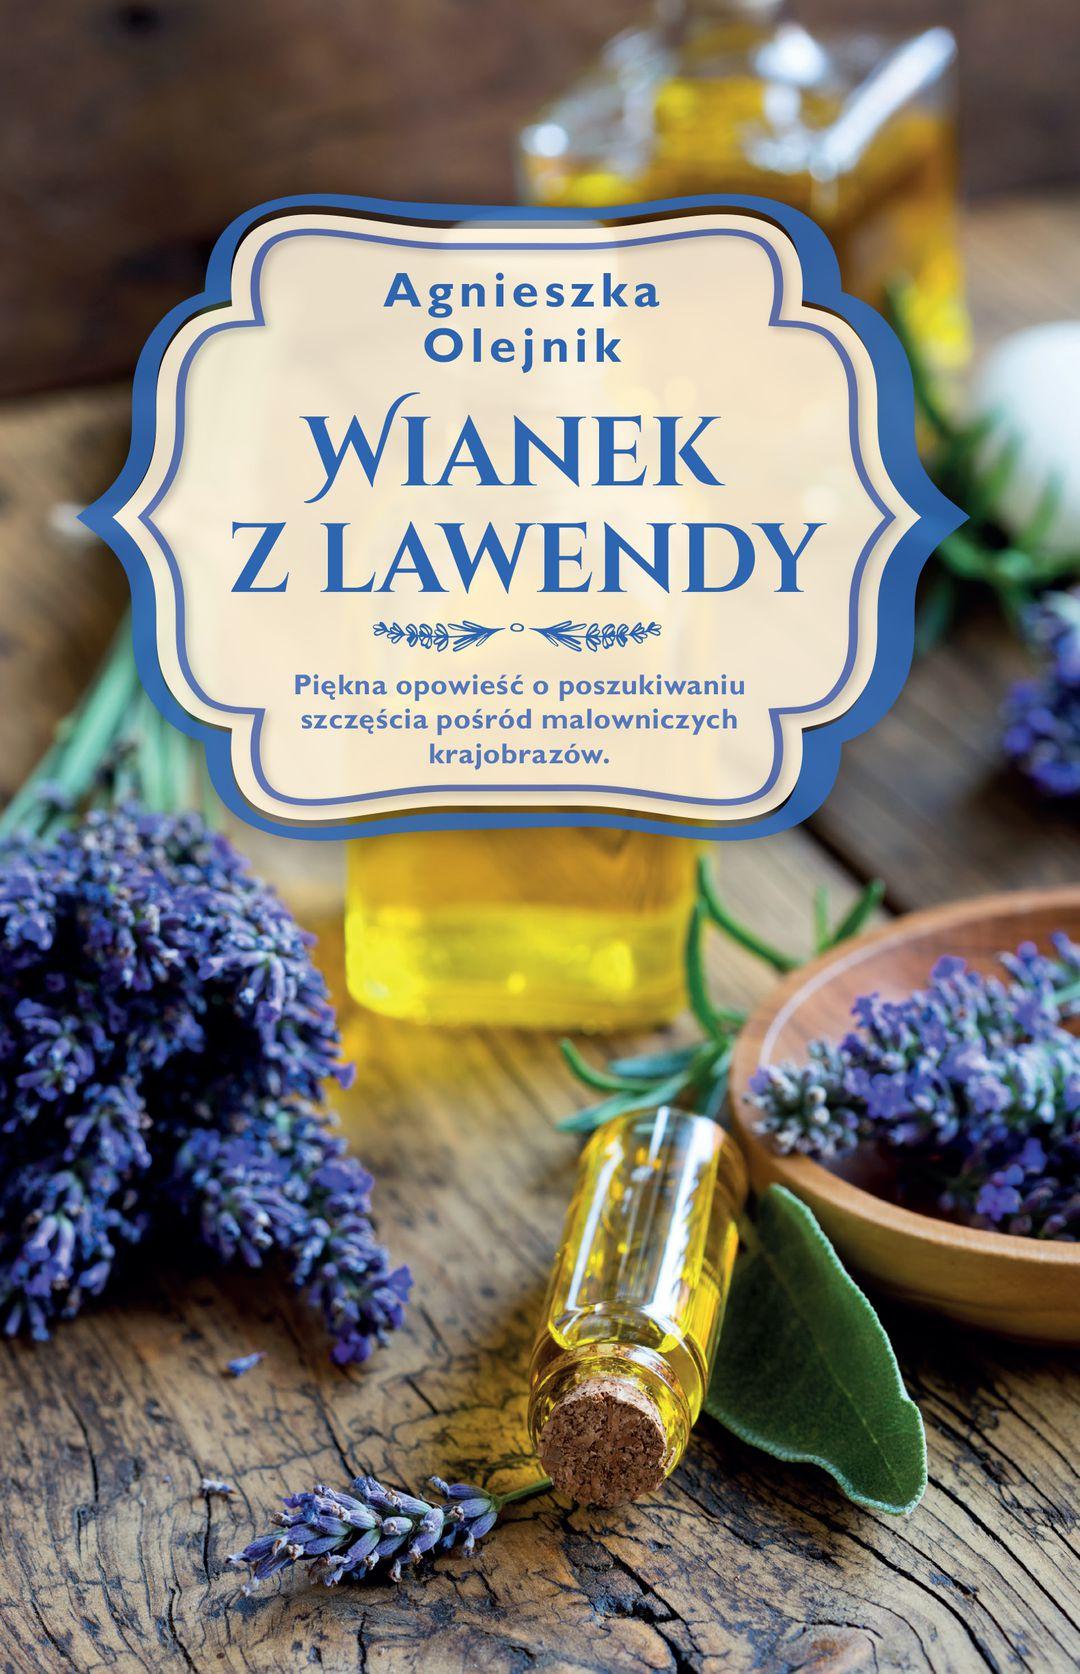 Olejnik Agnieszka - Wianek Z Lawendy